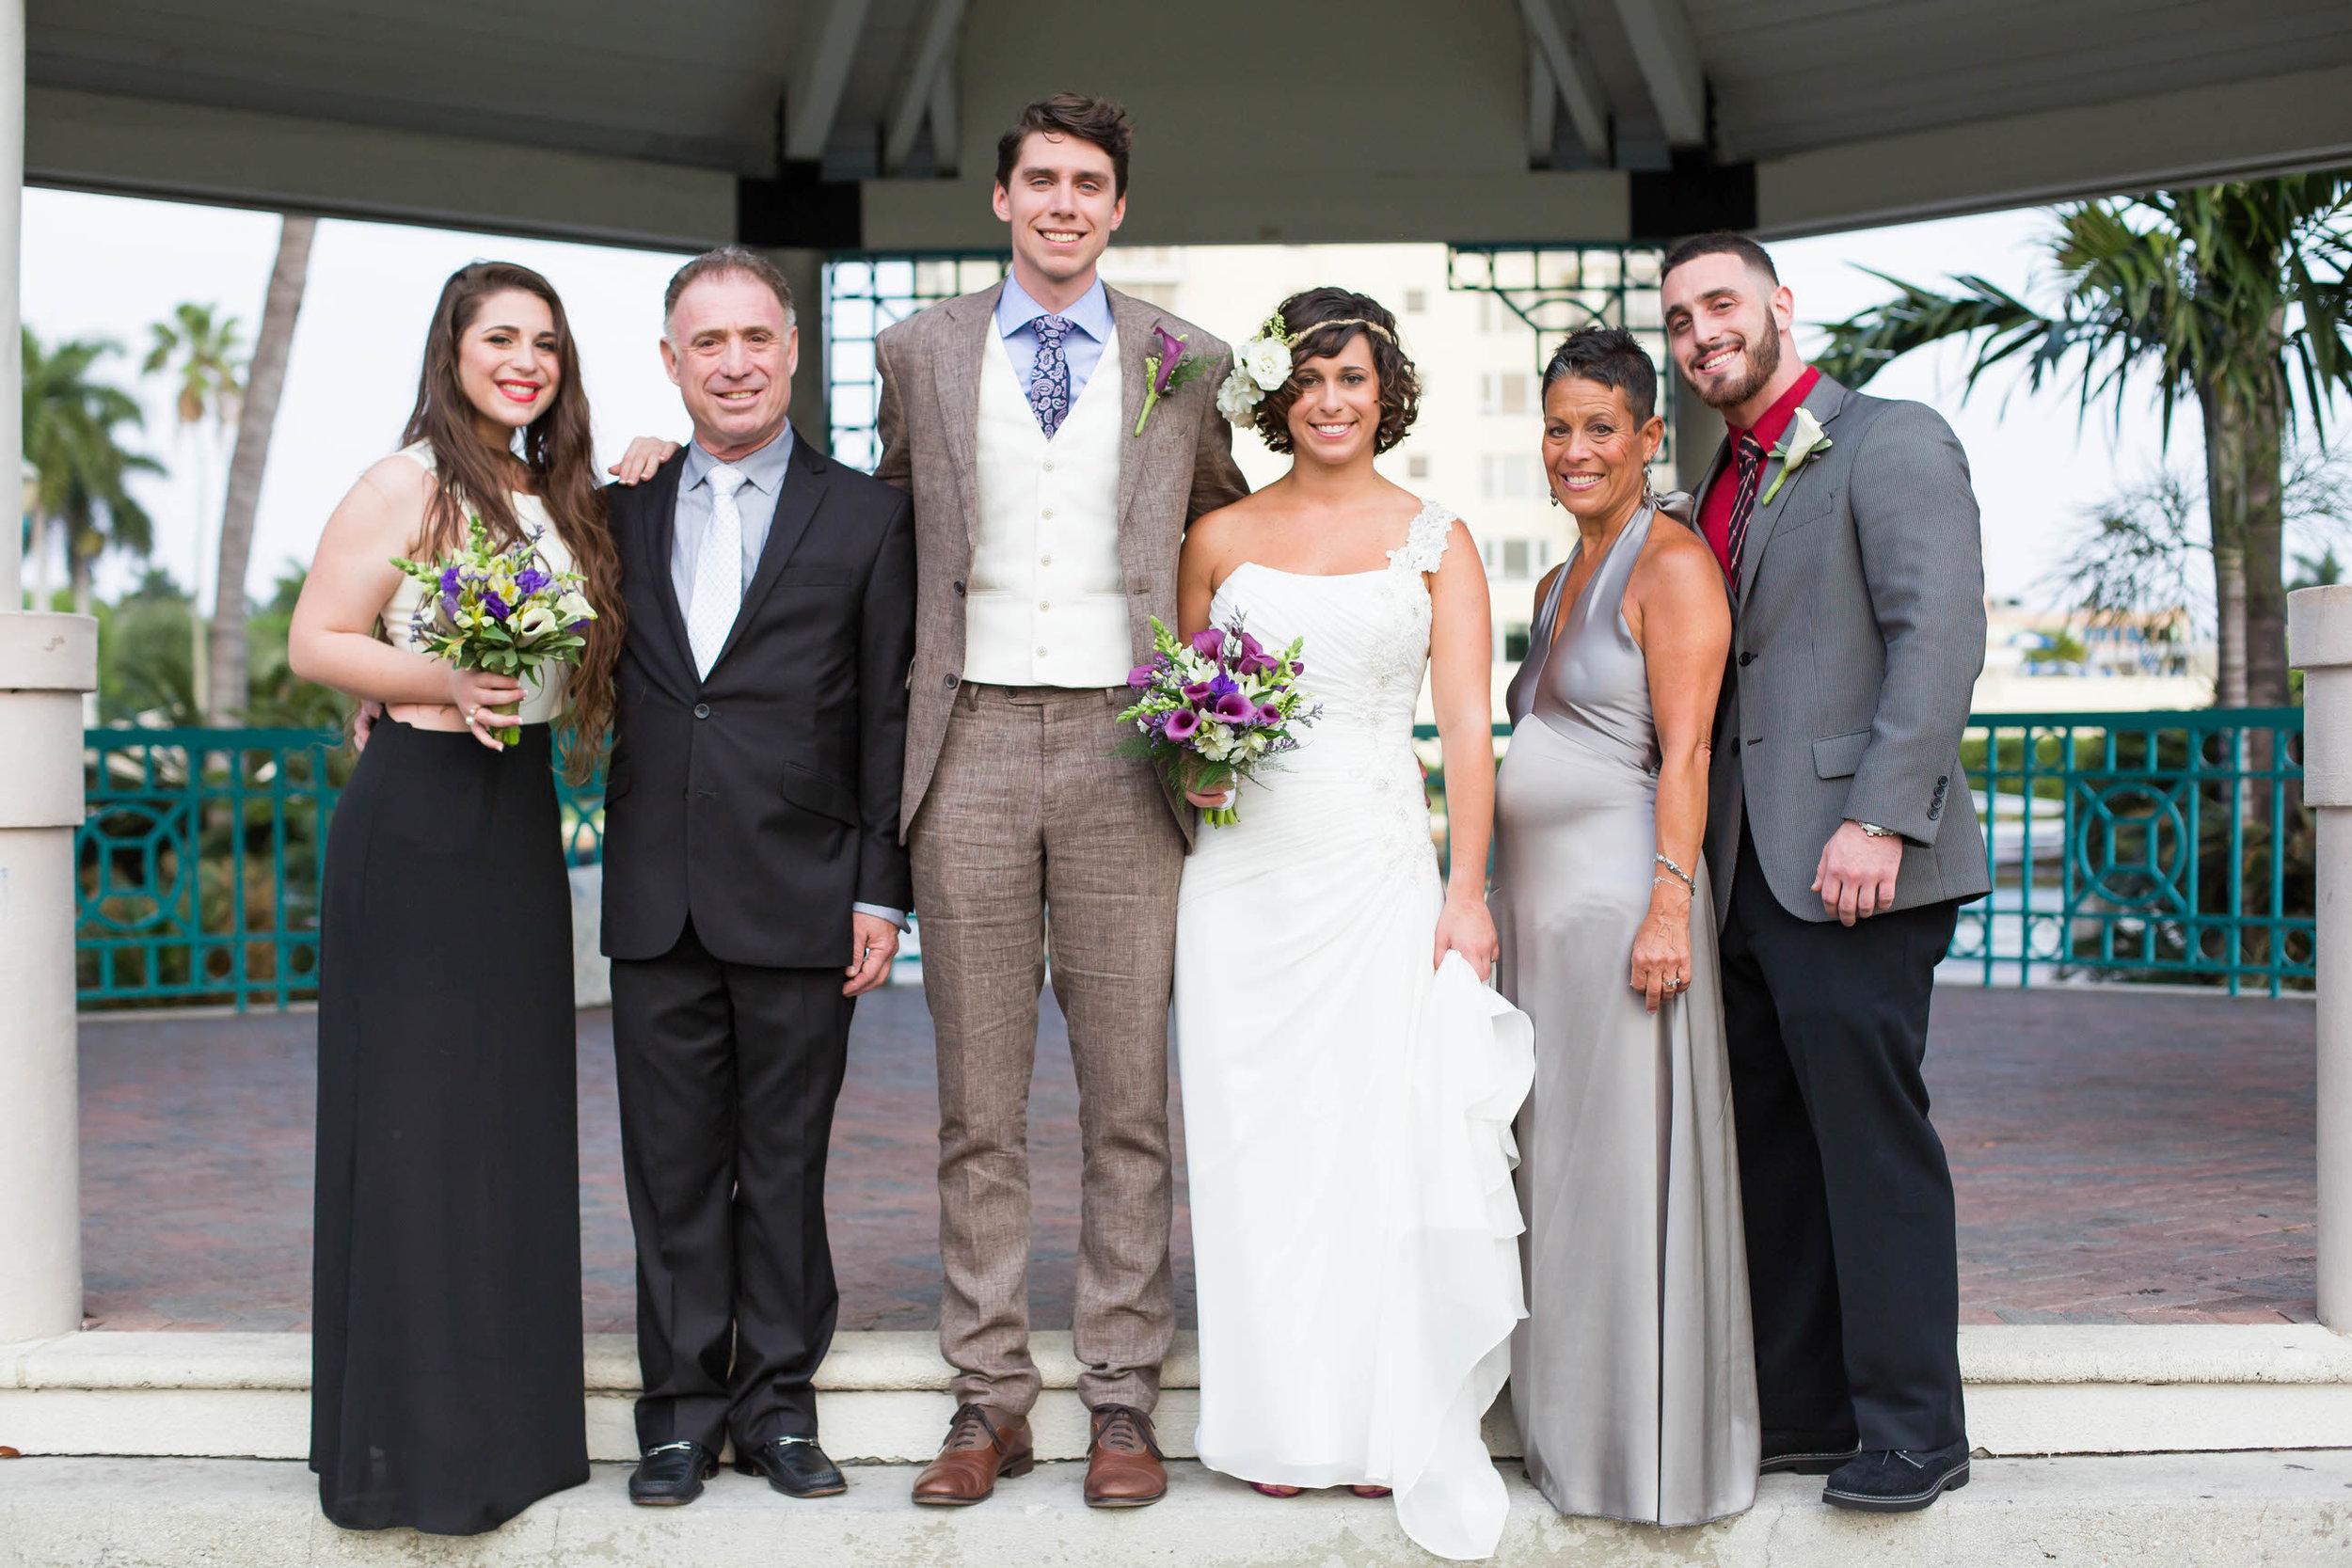 family-formals-tiny-house-photo-veterans-park-boat-wedding.jpg